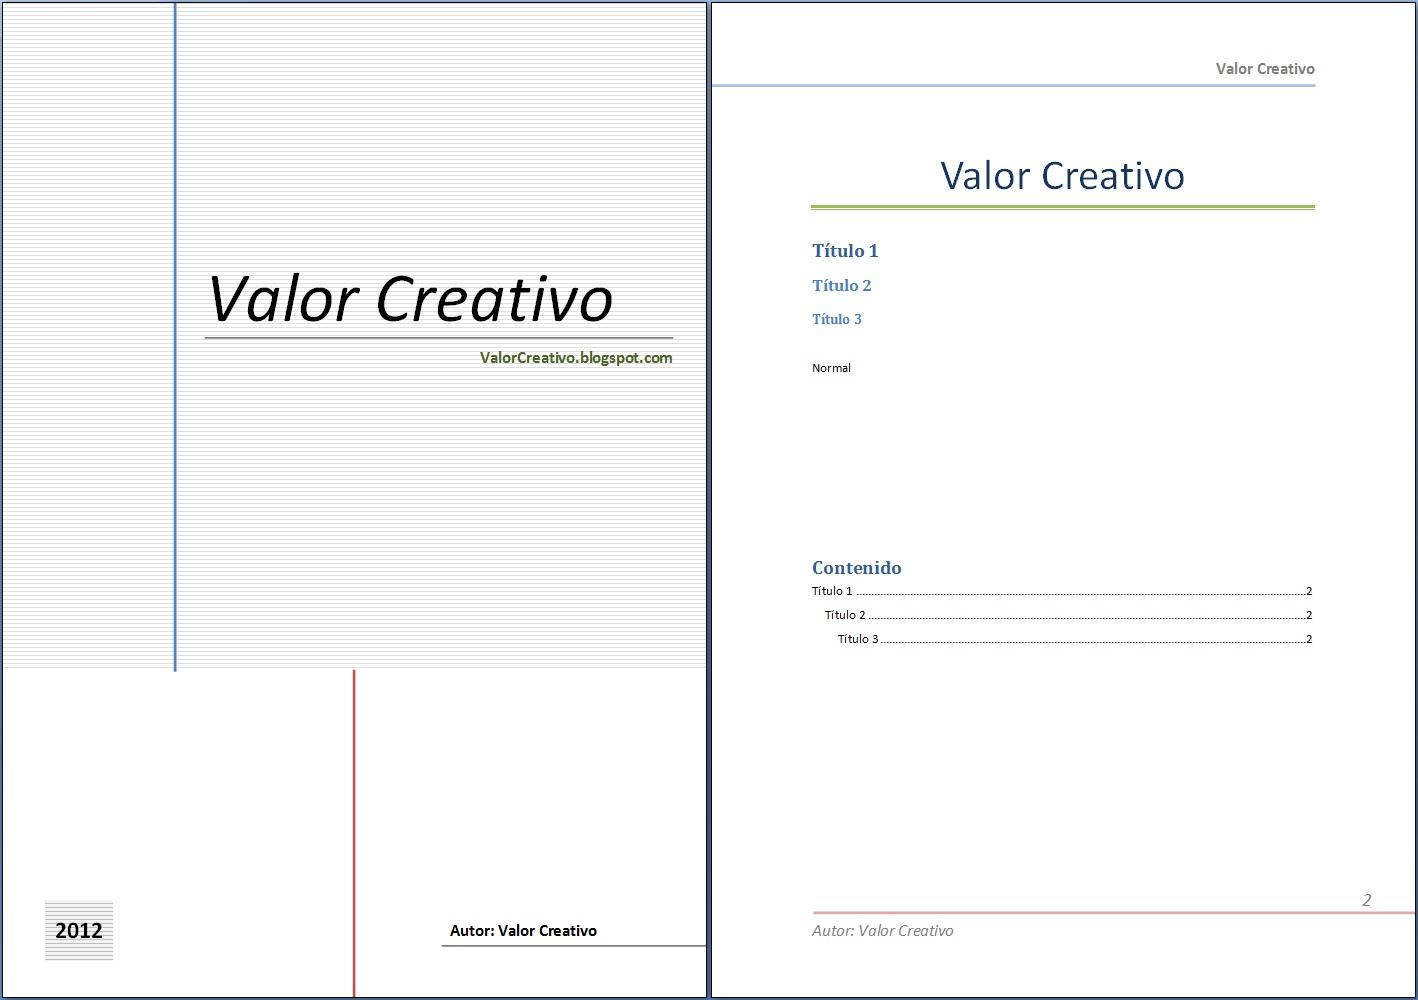 Valor Creativo: Plantilla Word 2003, 2007 y 2010 - Día del ...